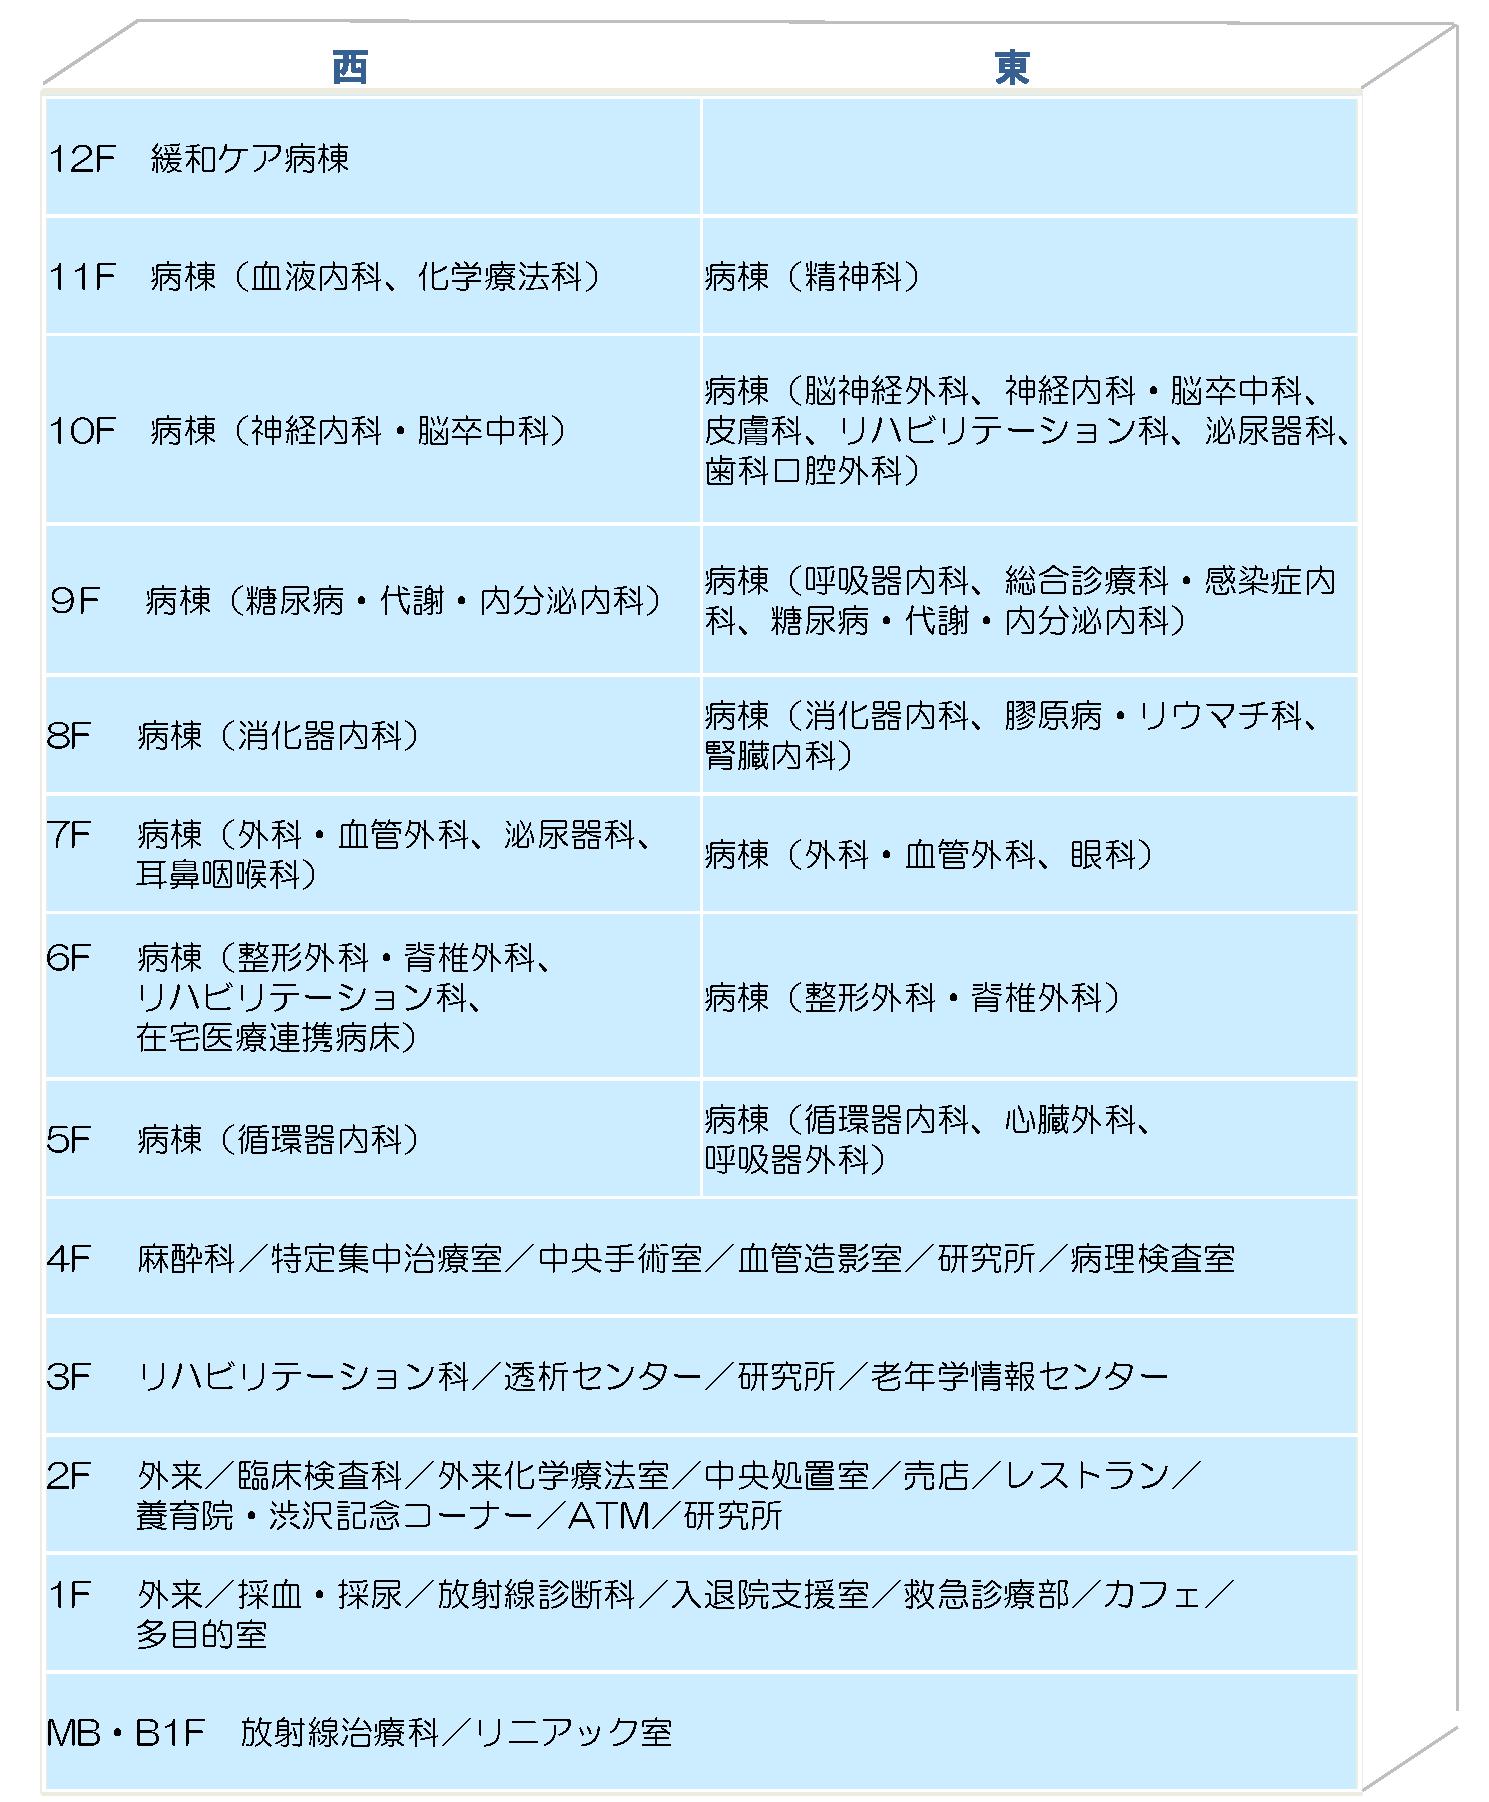 20190624~フロアマップ画像作成(加工).png